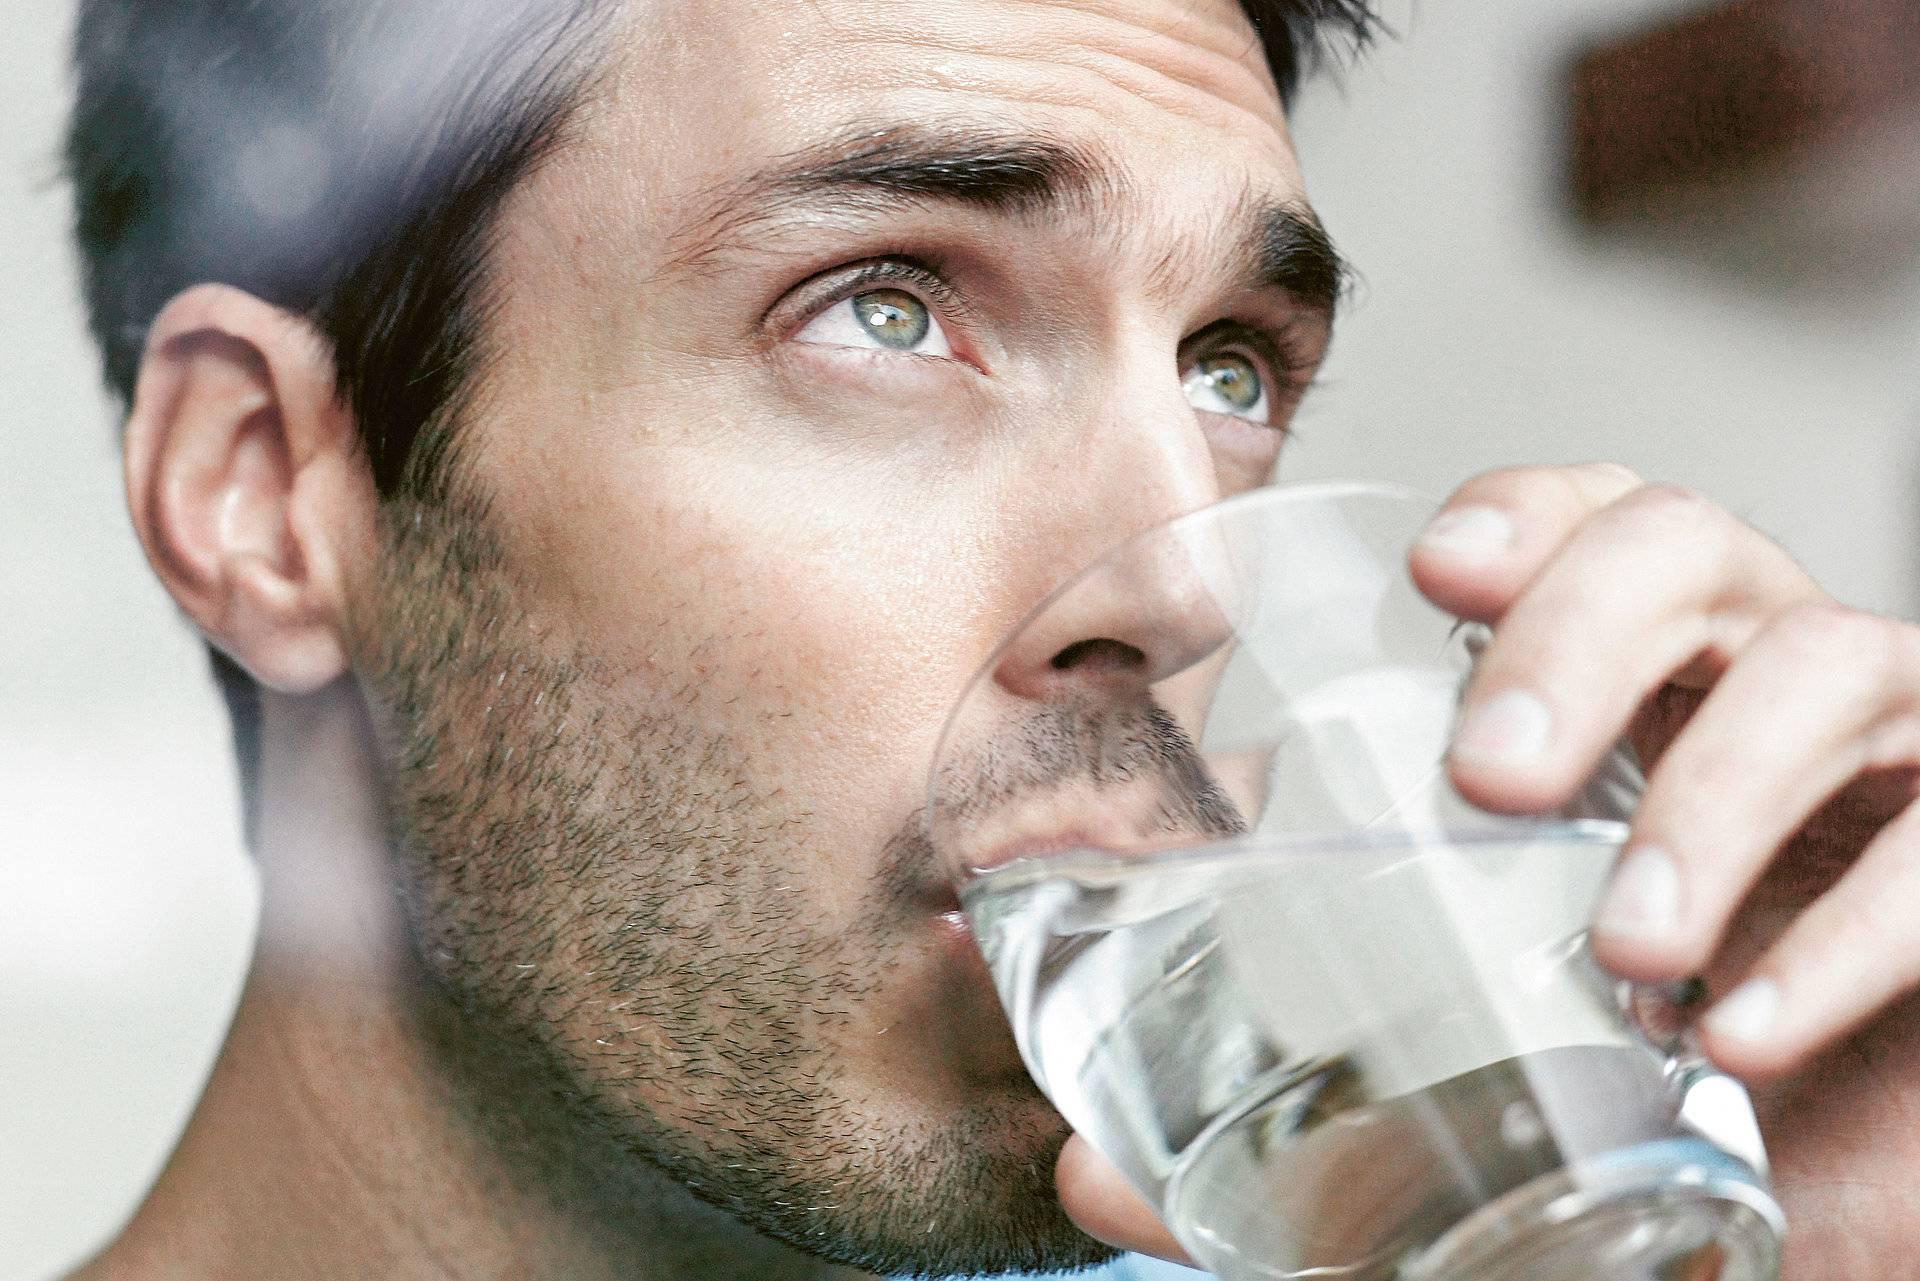 Почему с похмелья хочется пить, как избавиться от сушняка после пьянки